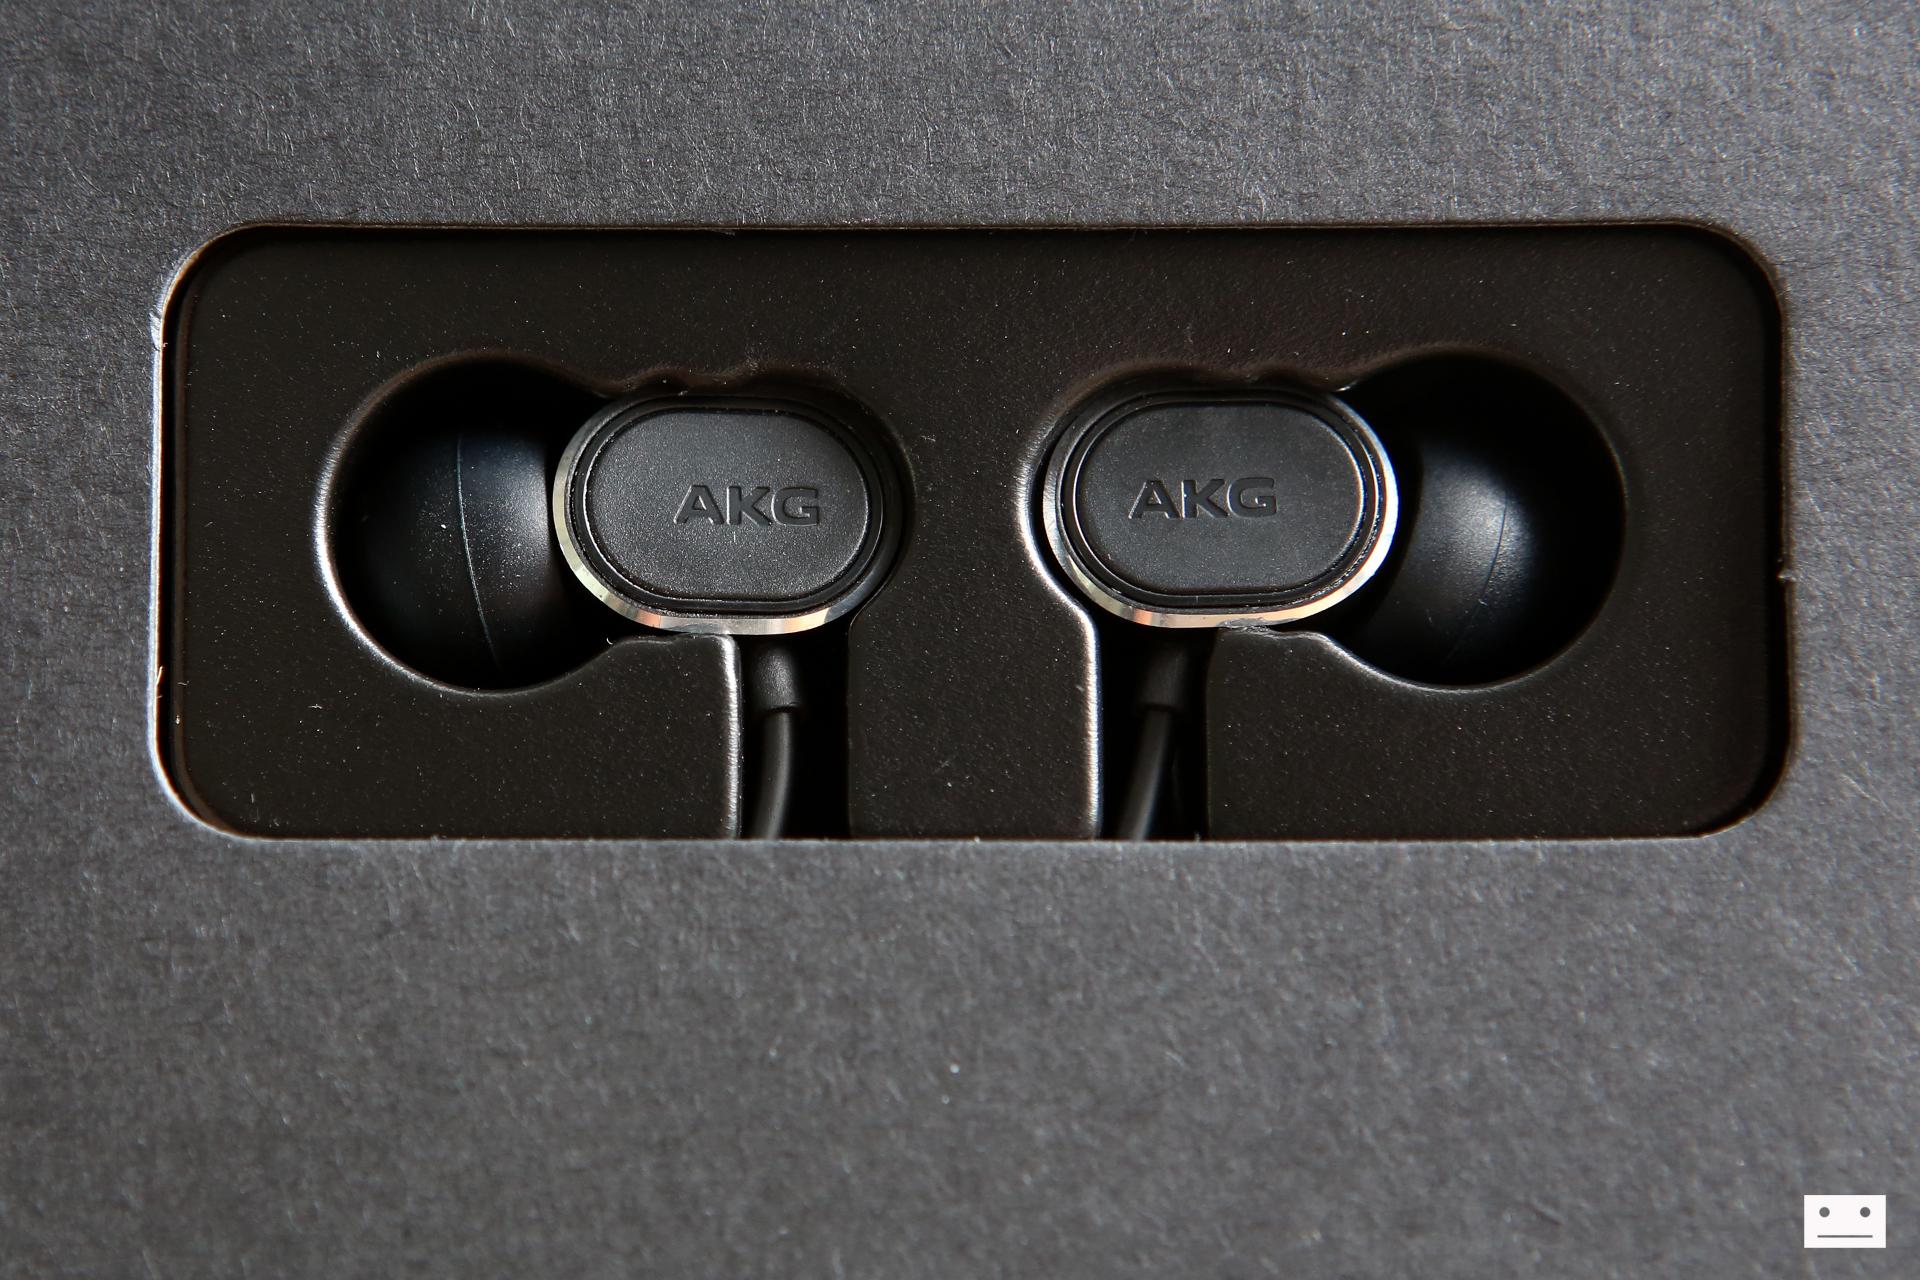 akg n20 earphone review (4)